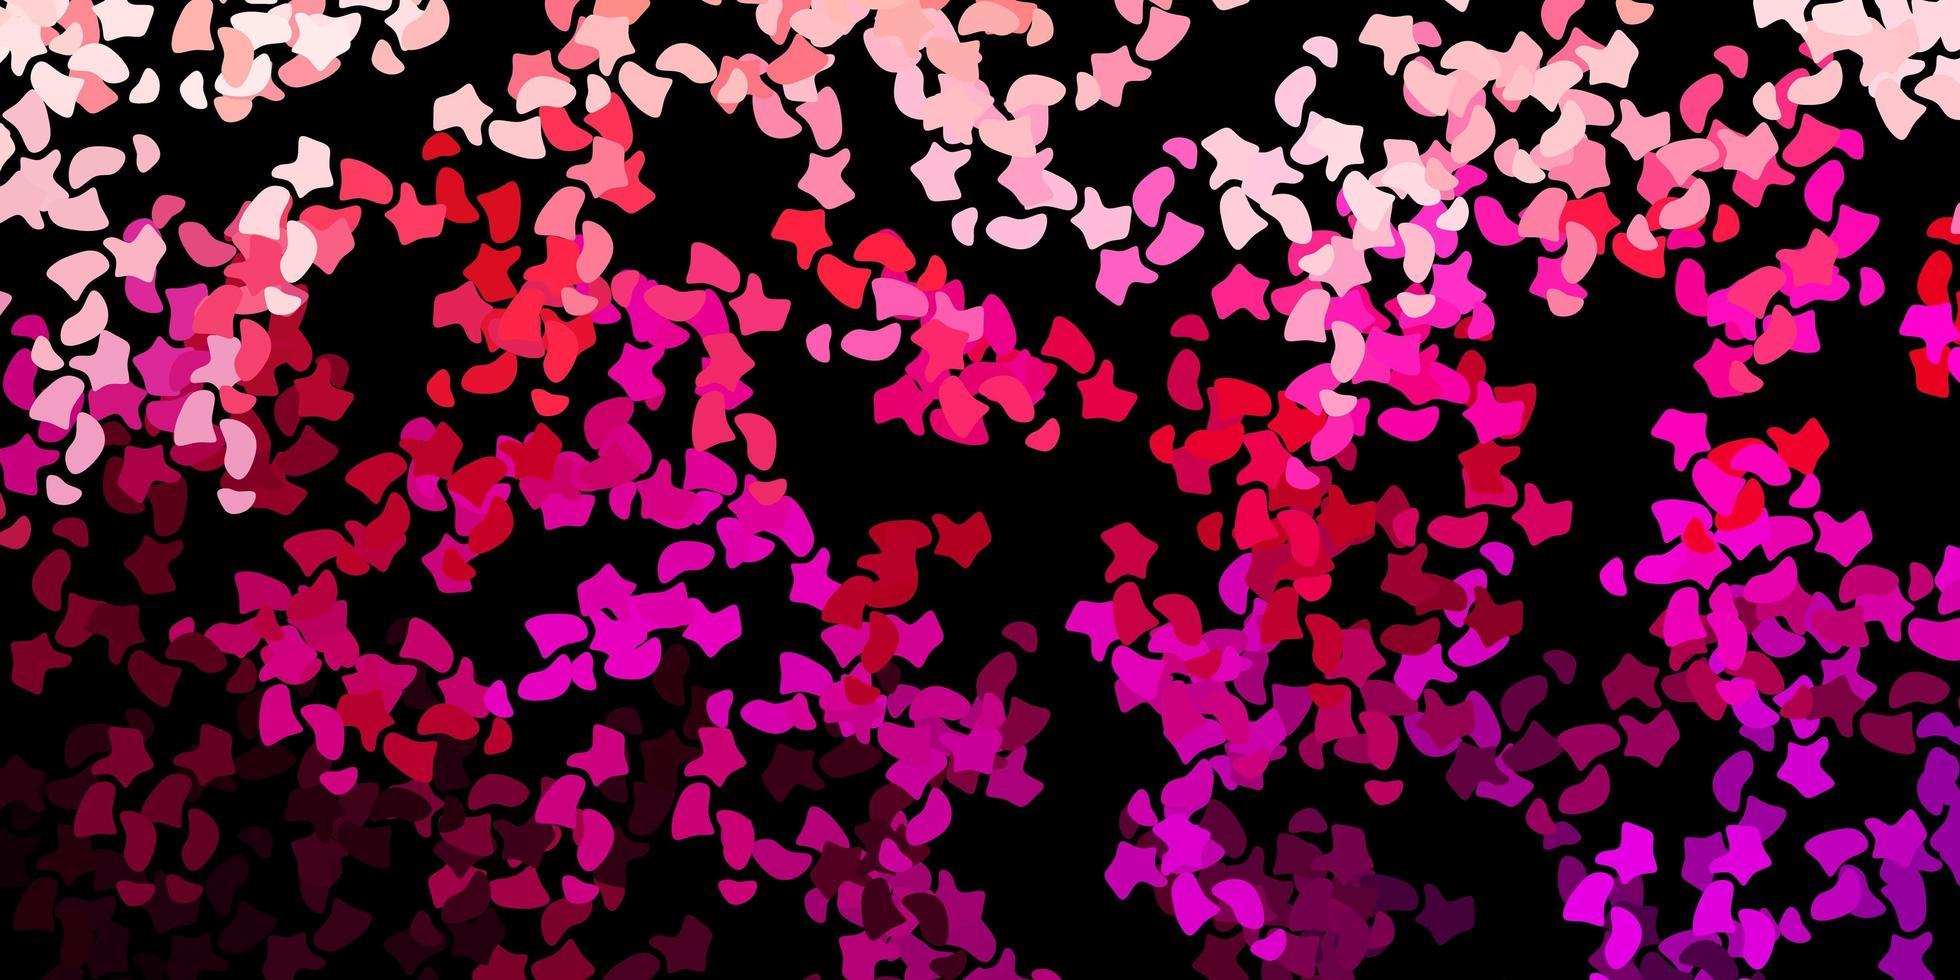 modello vettoriale rosa scuro con forme astratte.